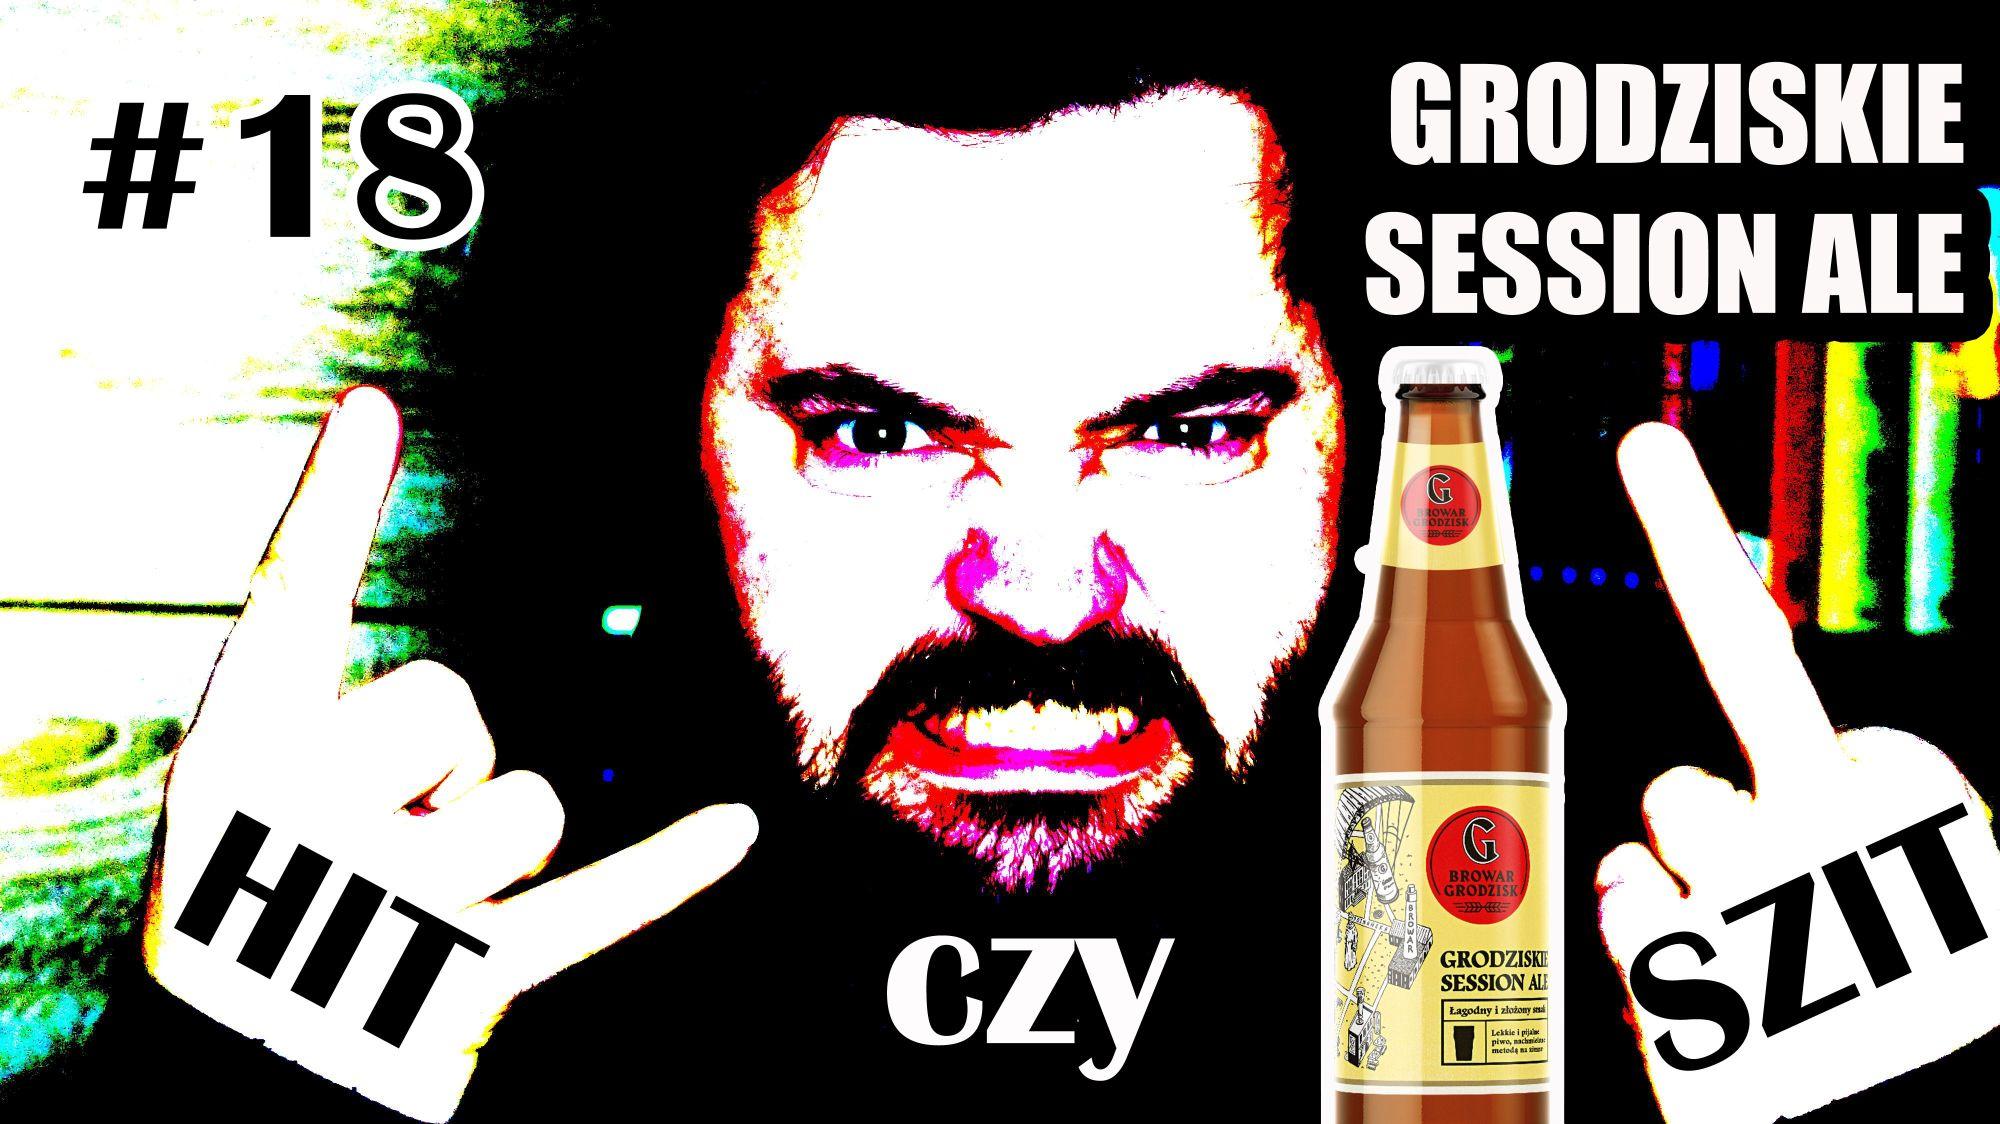 Grodziskie Session Ale